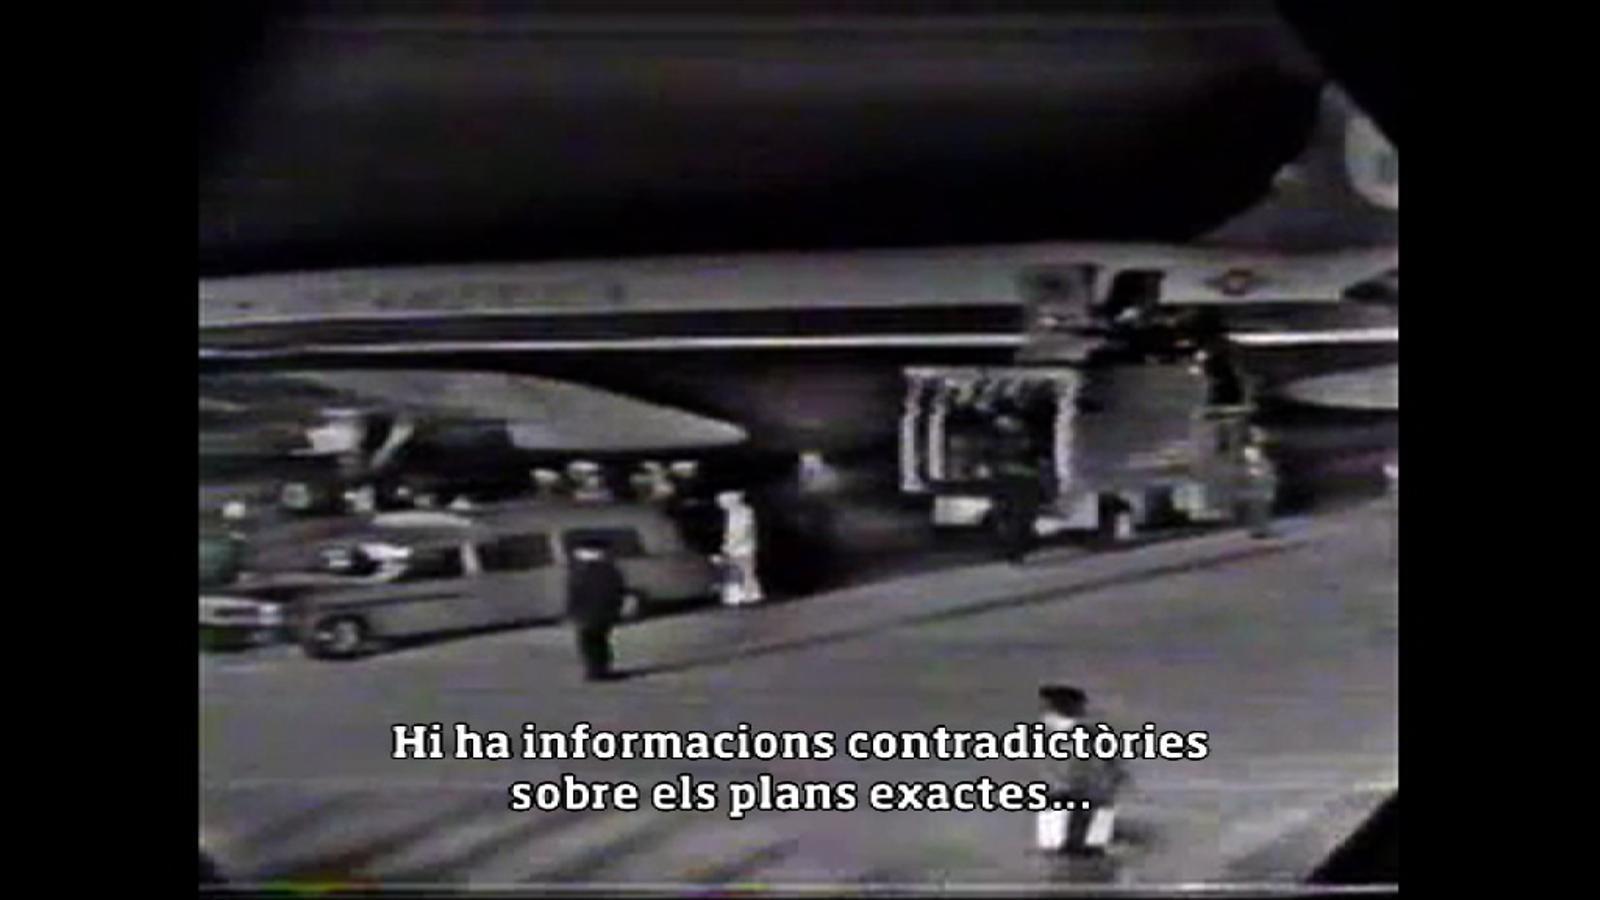 Un magnicidi televisat (4): L'arribada del fèretre de Kennedy a Washington